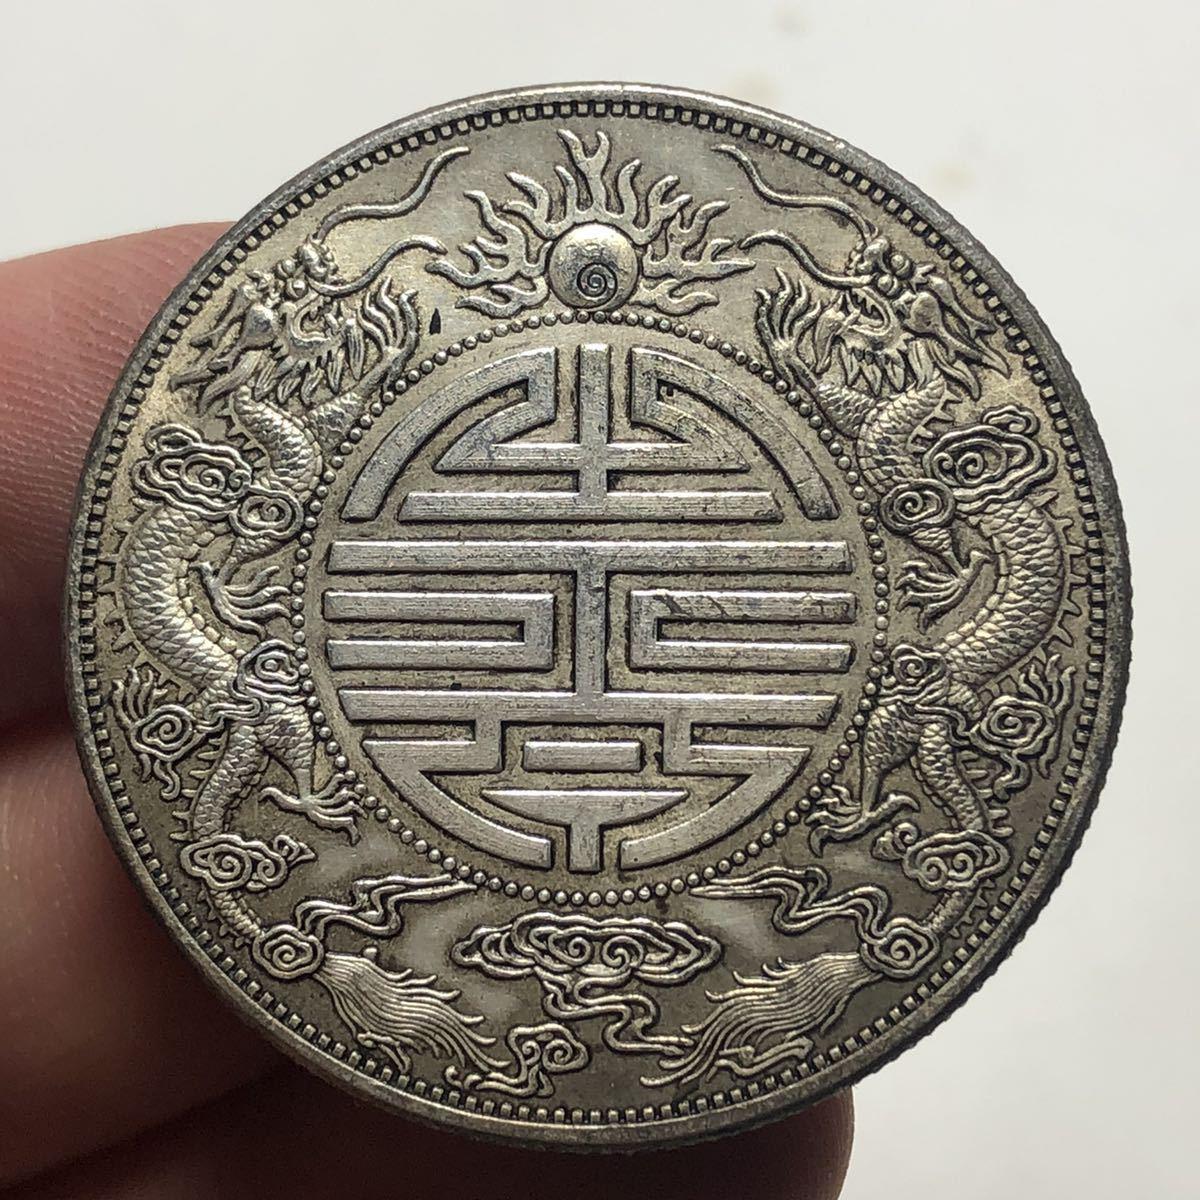 中国古銭 光緒元寶 廣東雙龍幣 34mm 12.95g S-2351_画像2